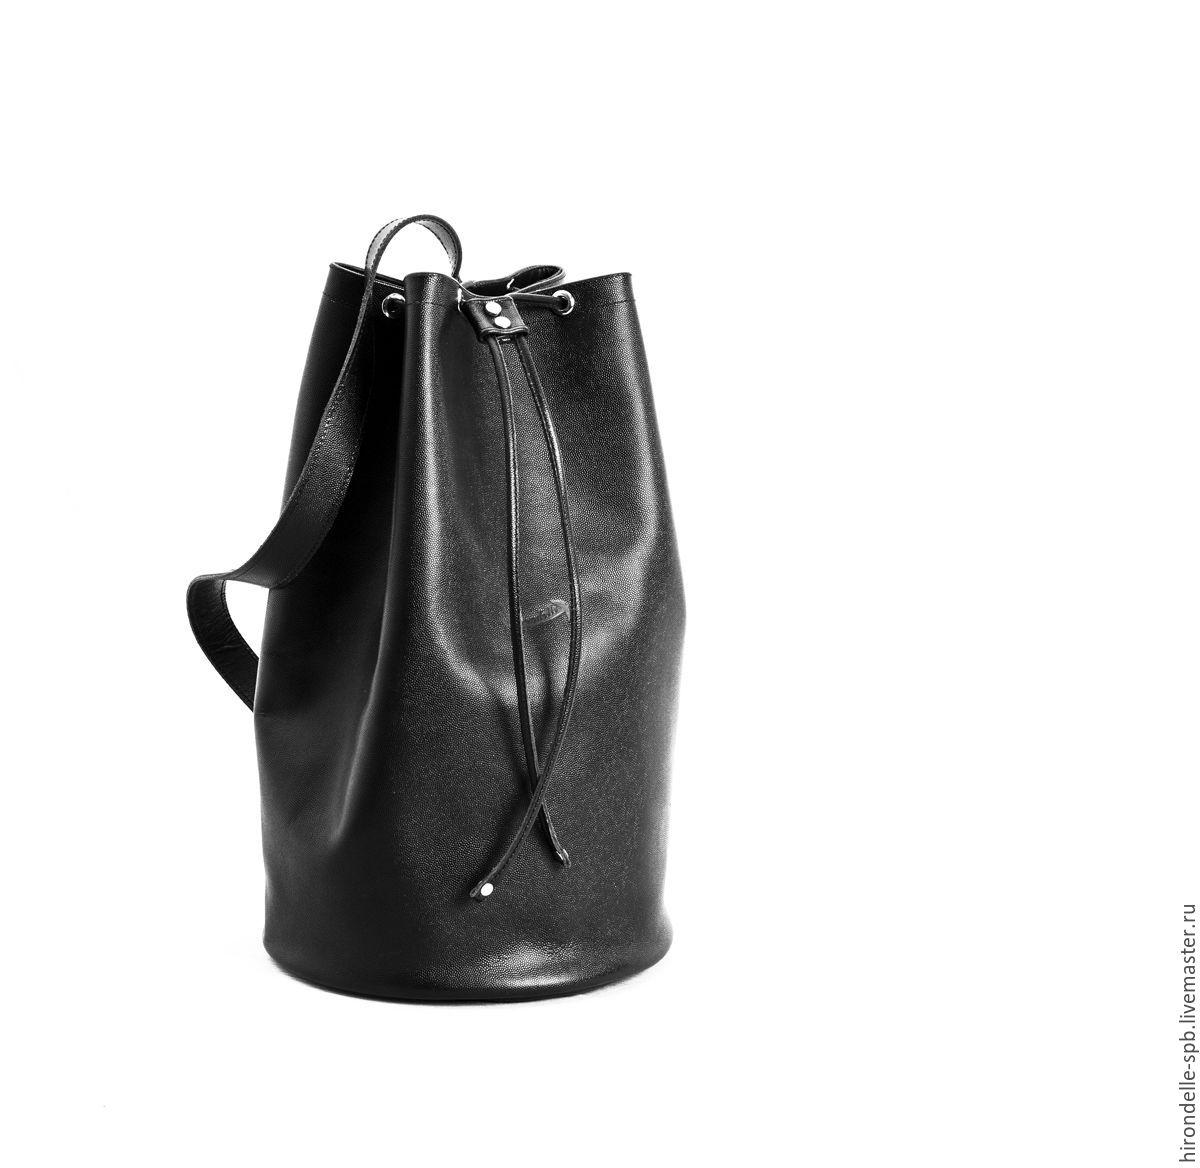 Рюкзак мешок кожаный рюкзаки для дошкольников весом в 200-300 грамм